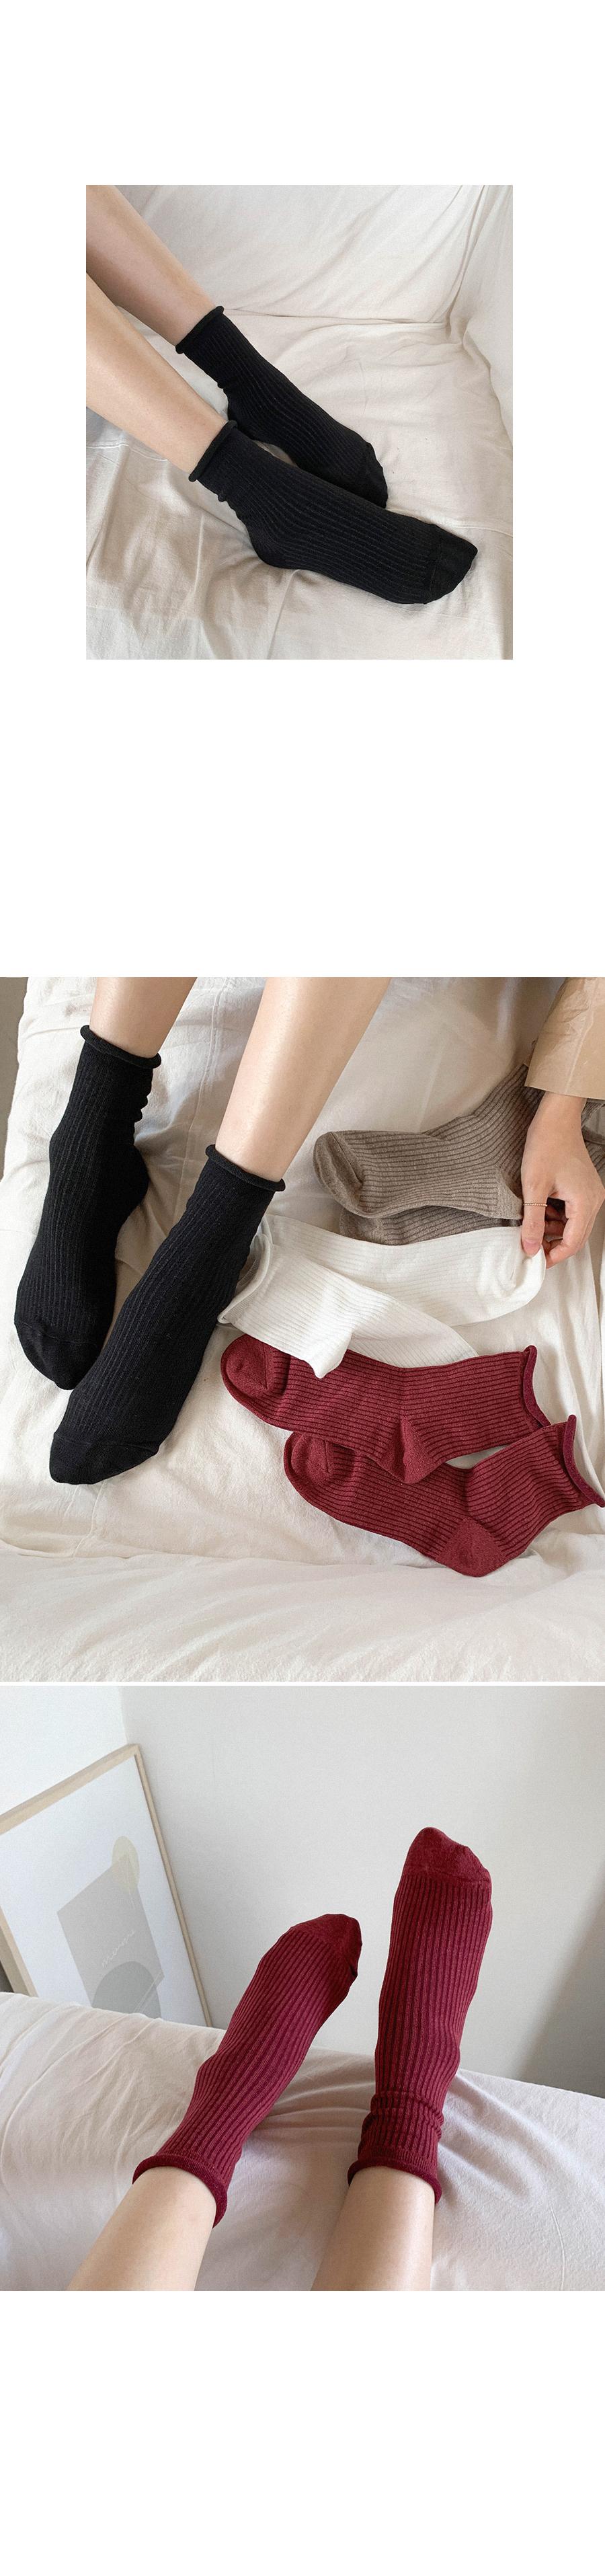 Ribbed socks